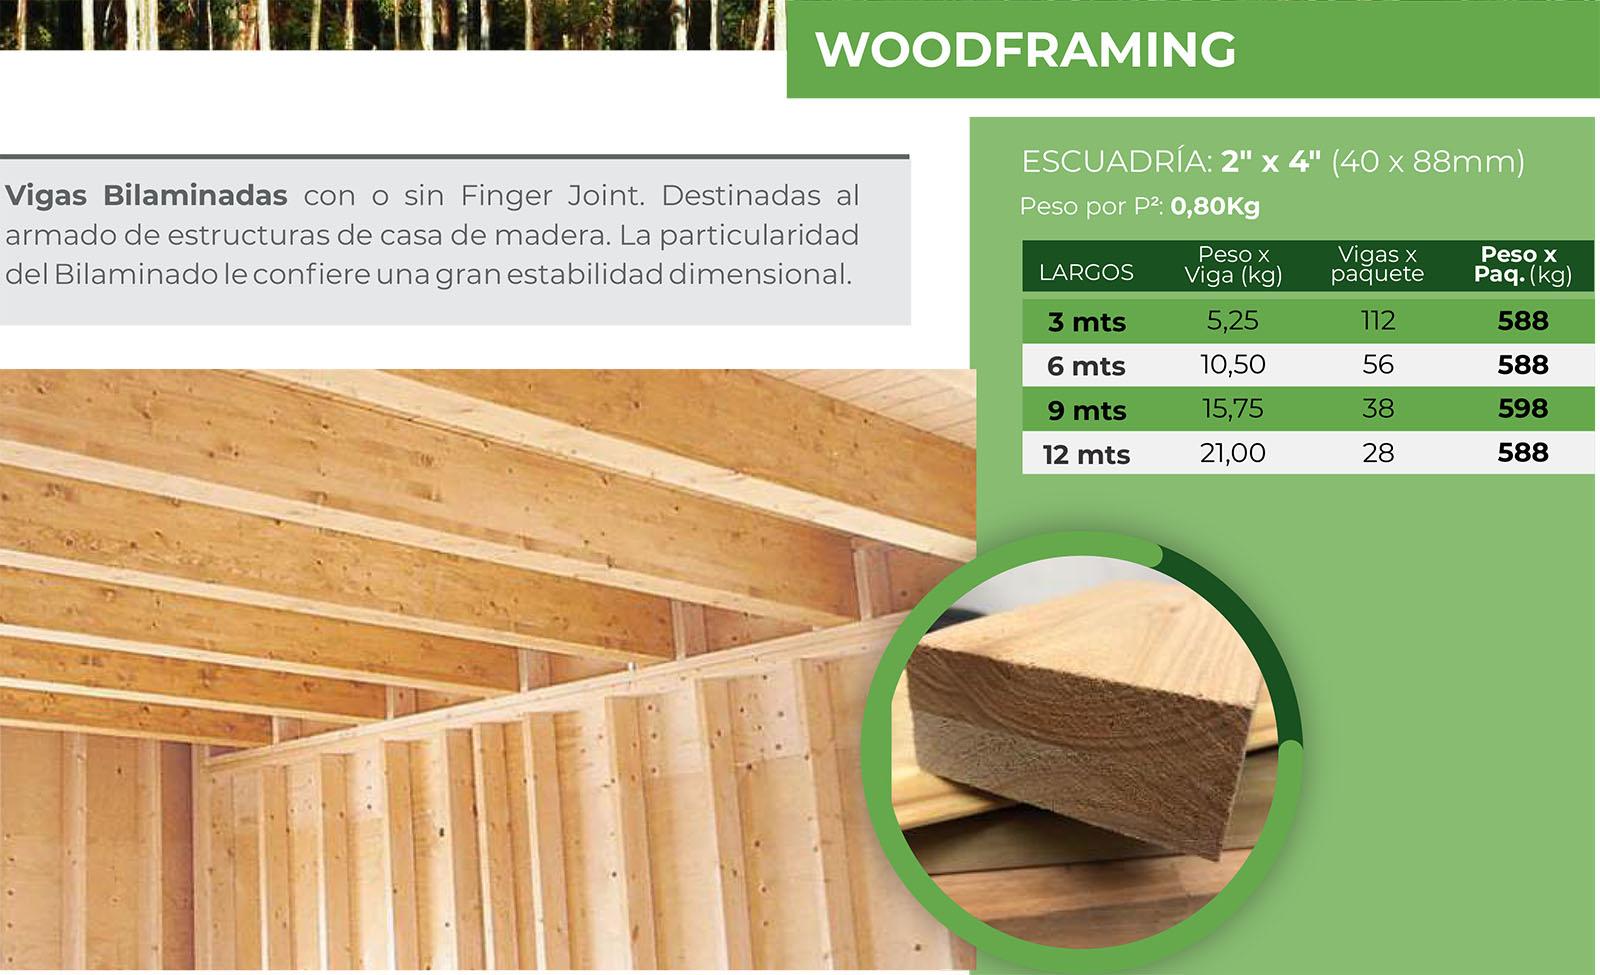 Aserradero Ubajay Woodframing